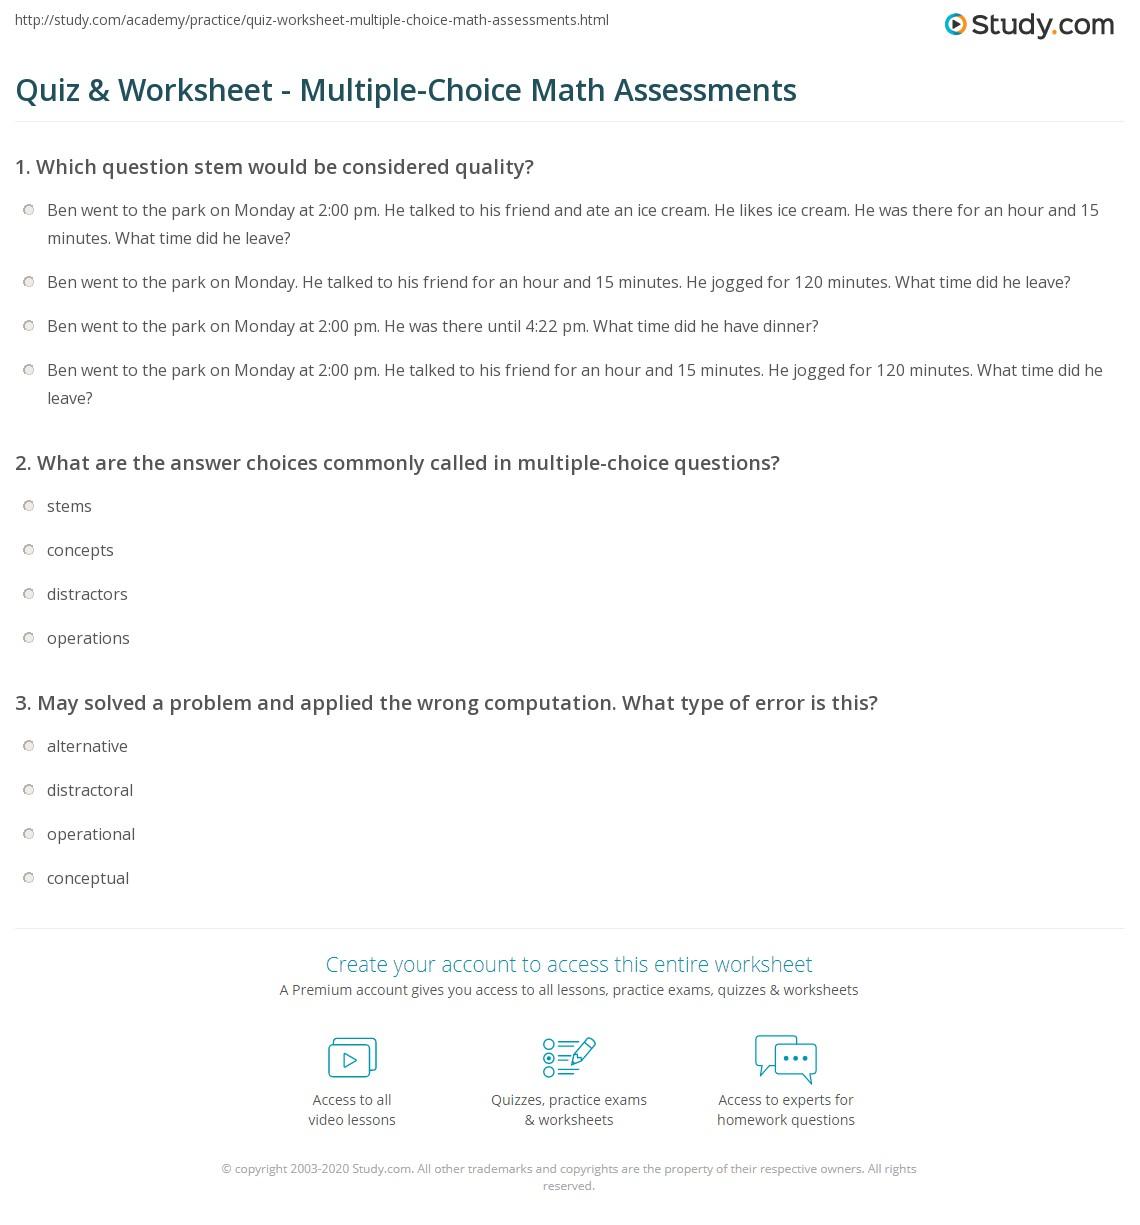 quiz worksheet multiple choice math assessments. Black Bedroom Furniture Sets. Home Design Ideas